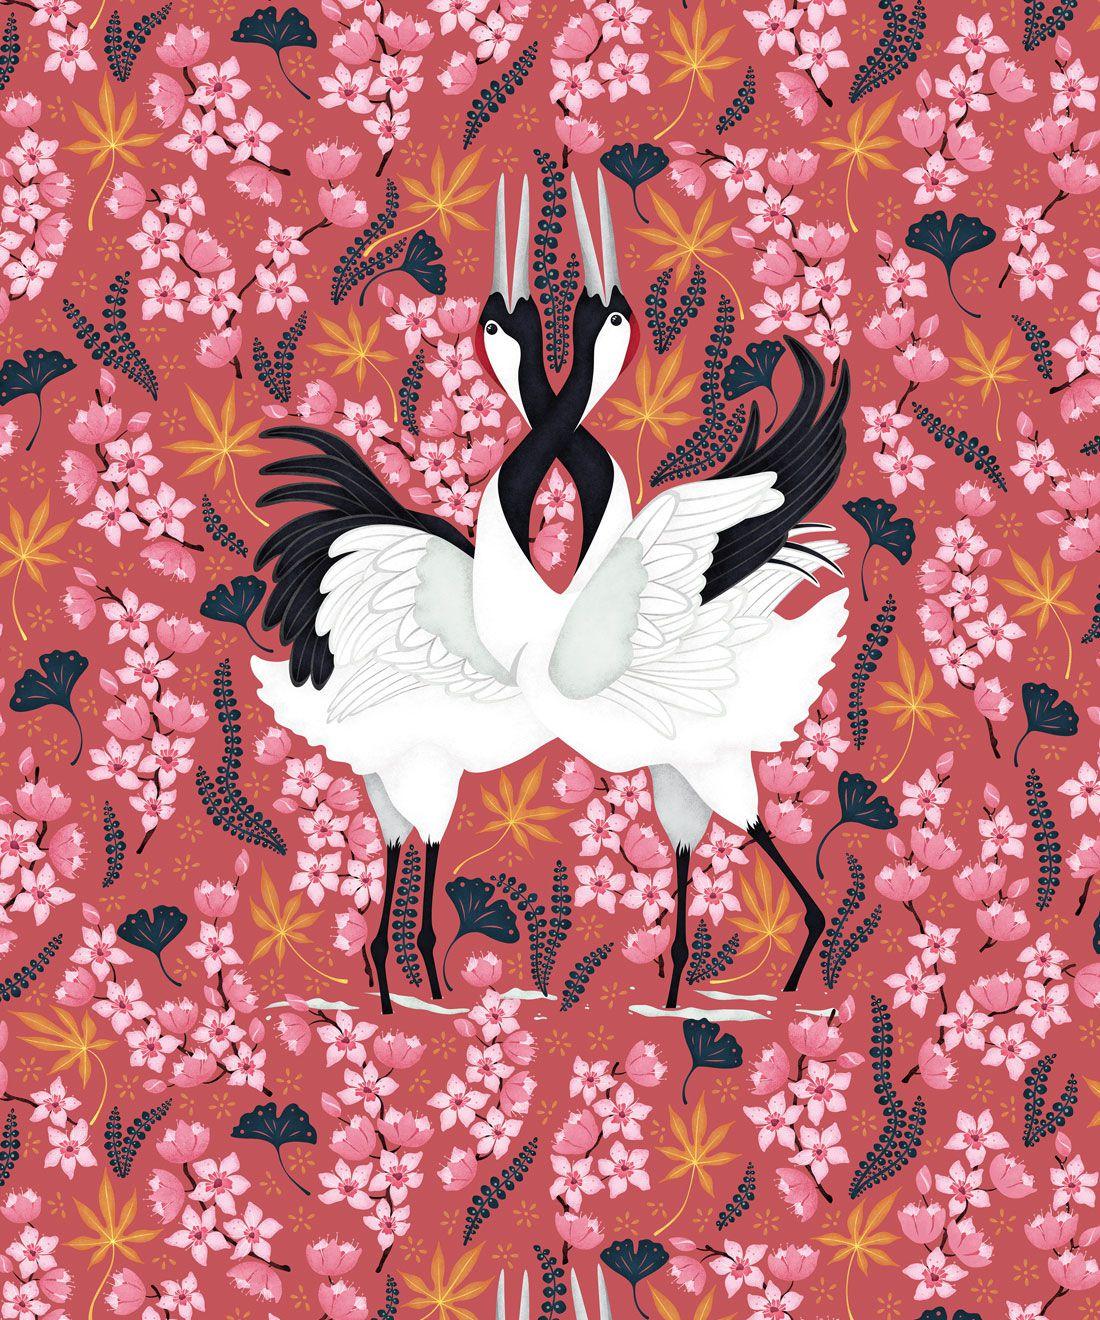 Japanese Cranes Wallpaper • Bird Wallpaper • Red Wallpaper